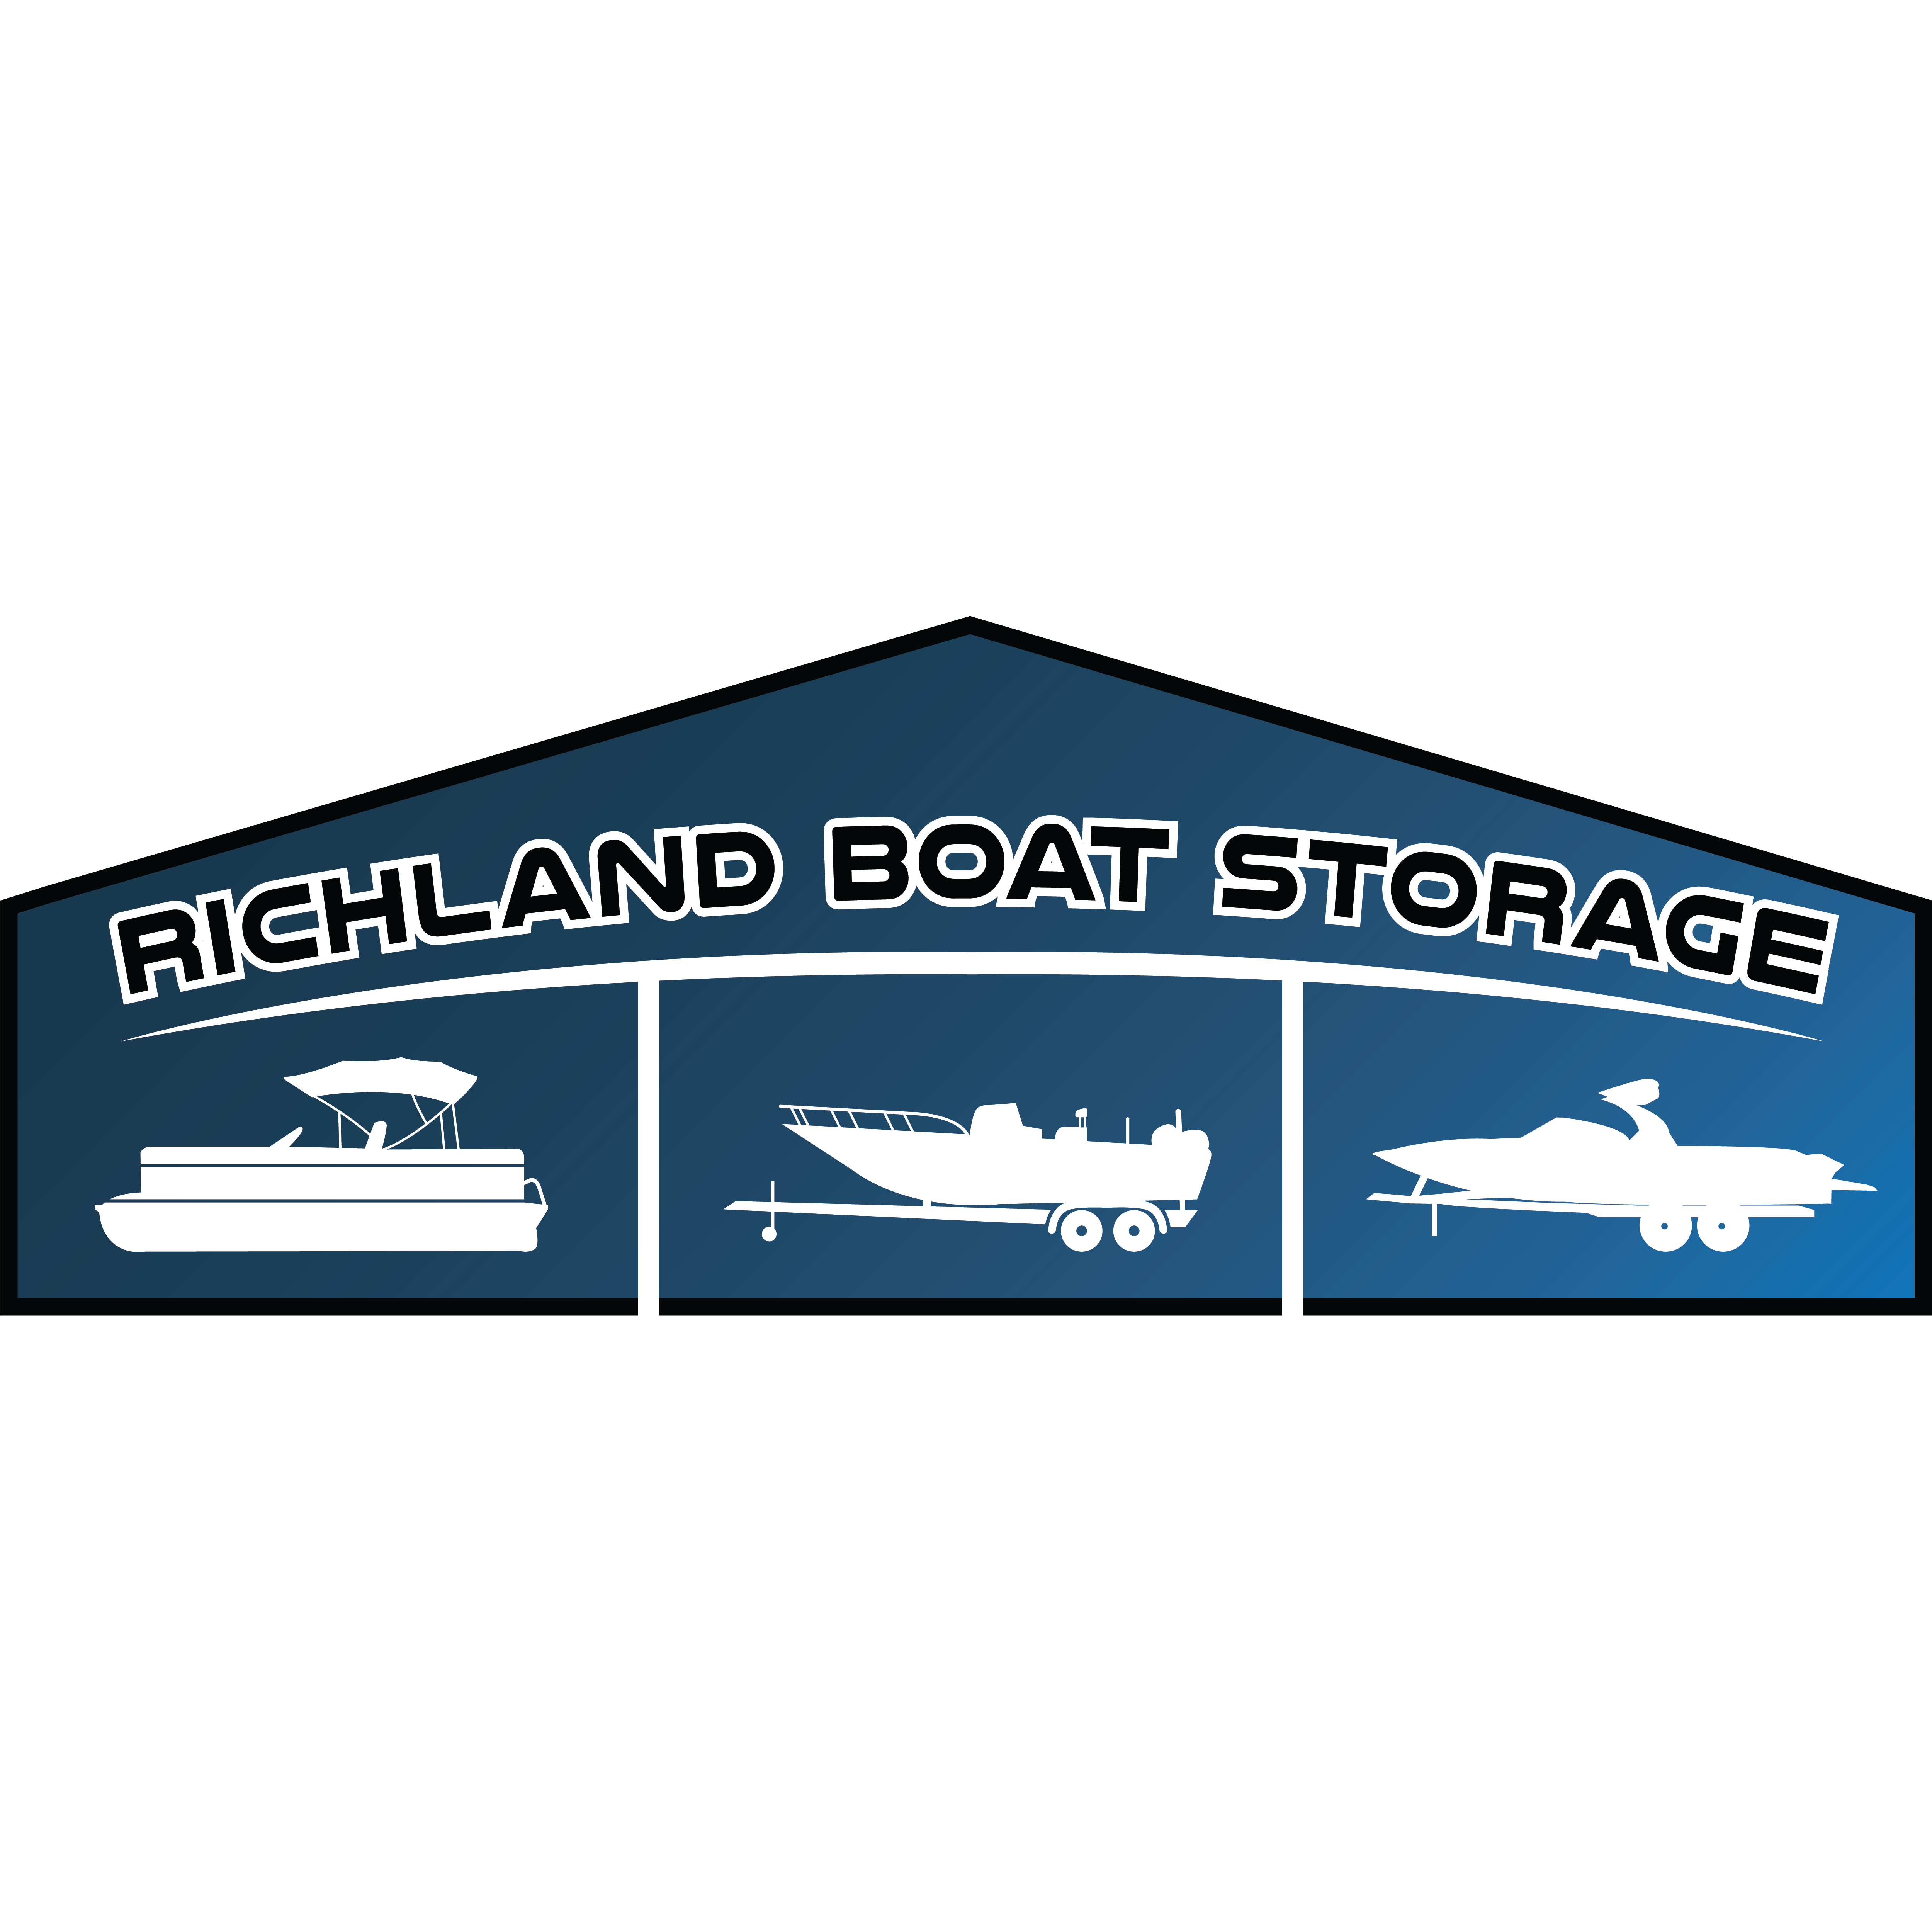 Richland Boat Storage